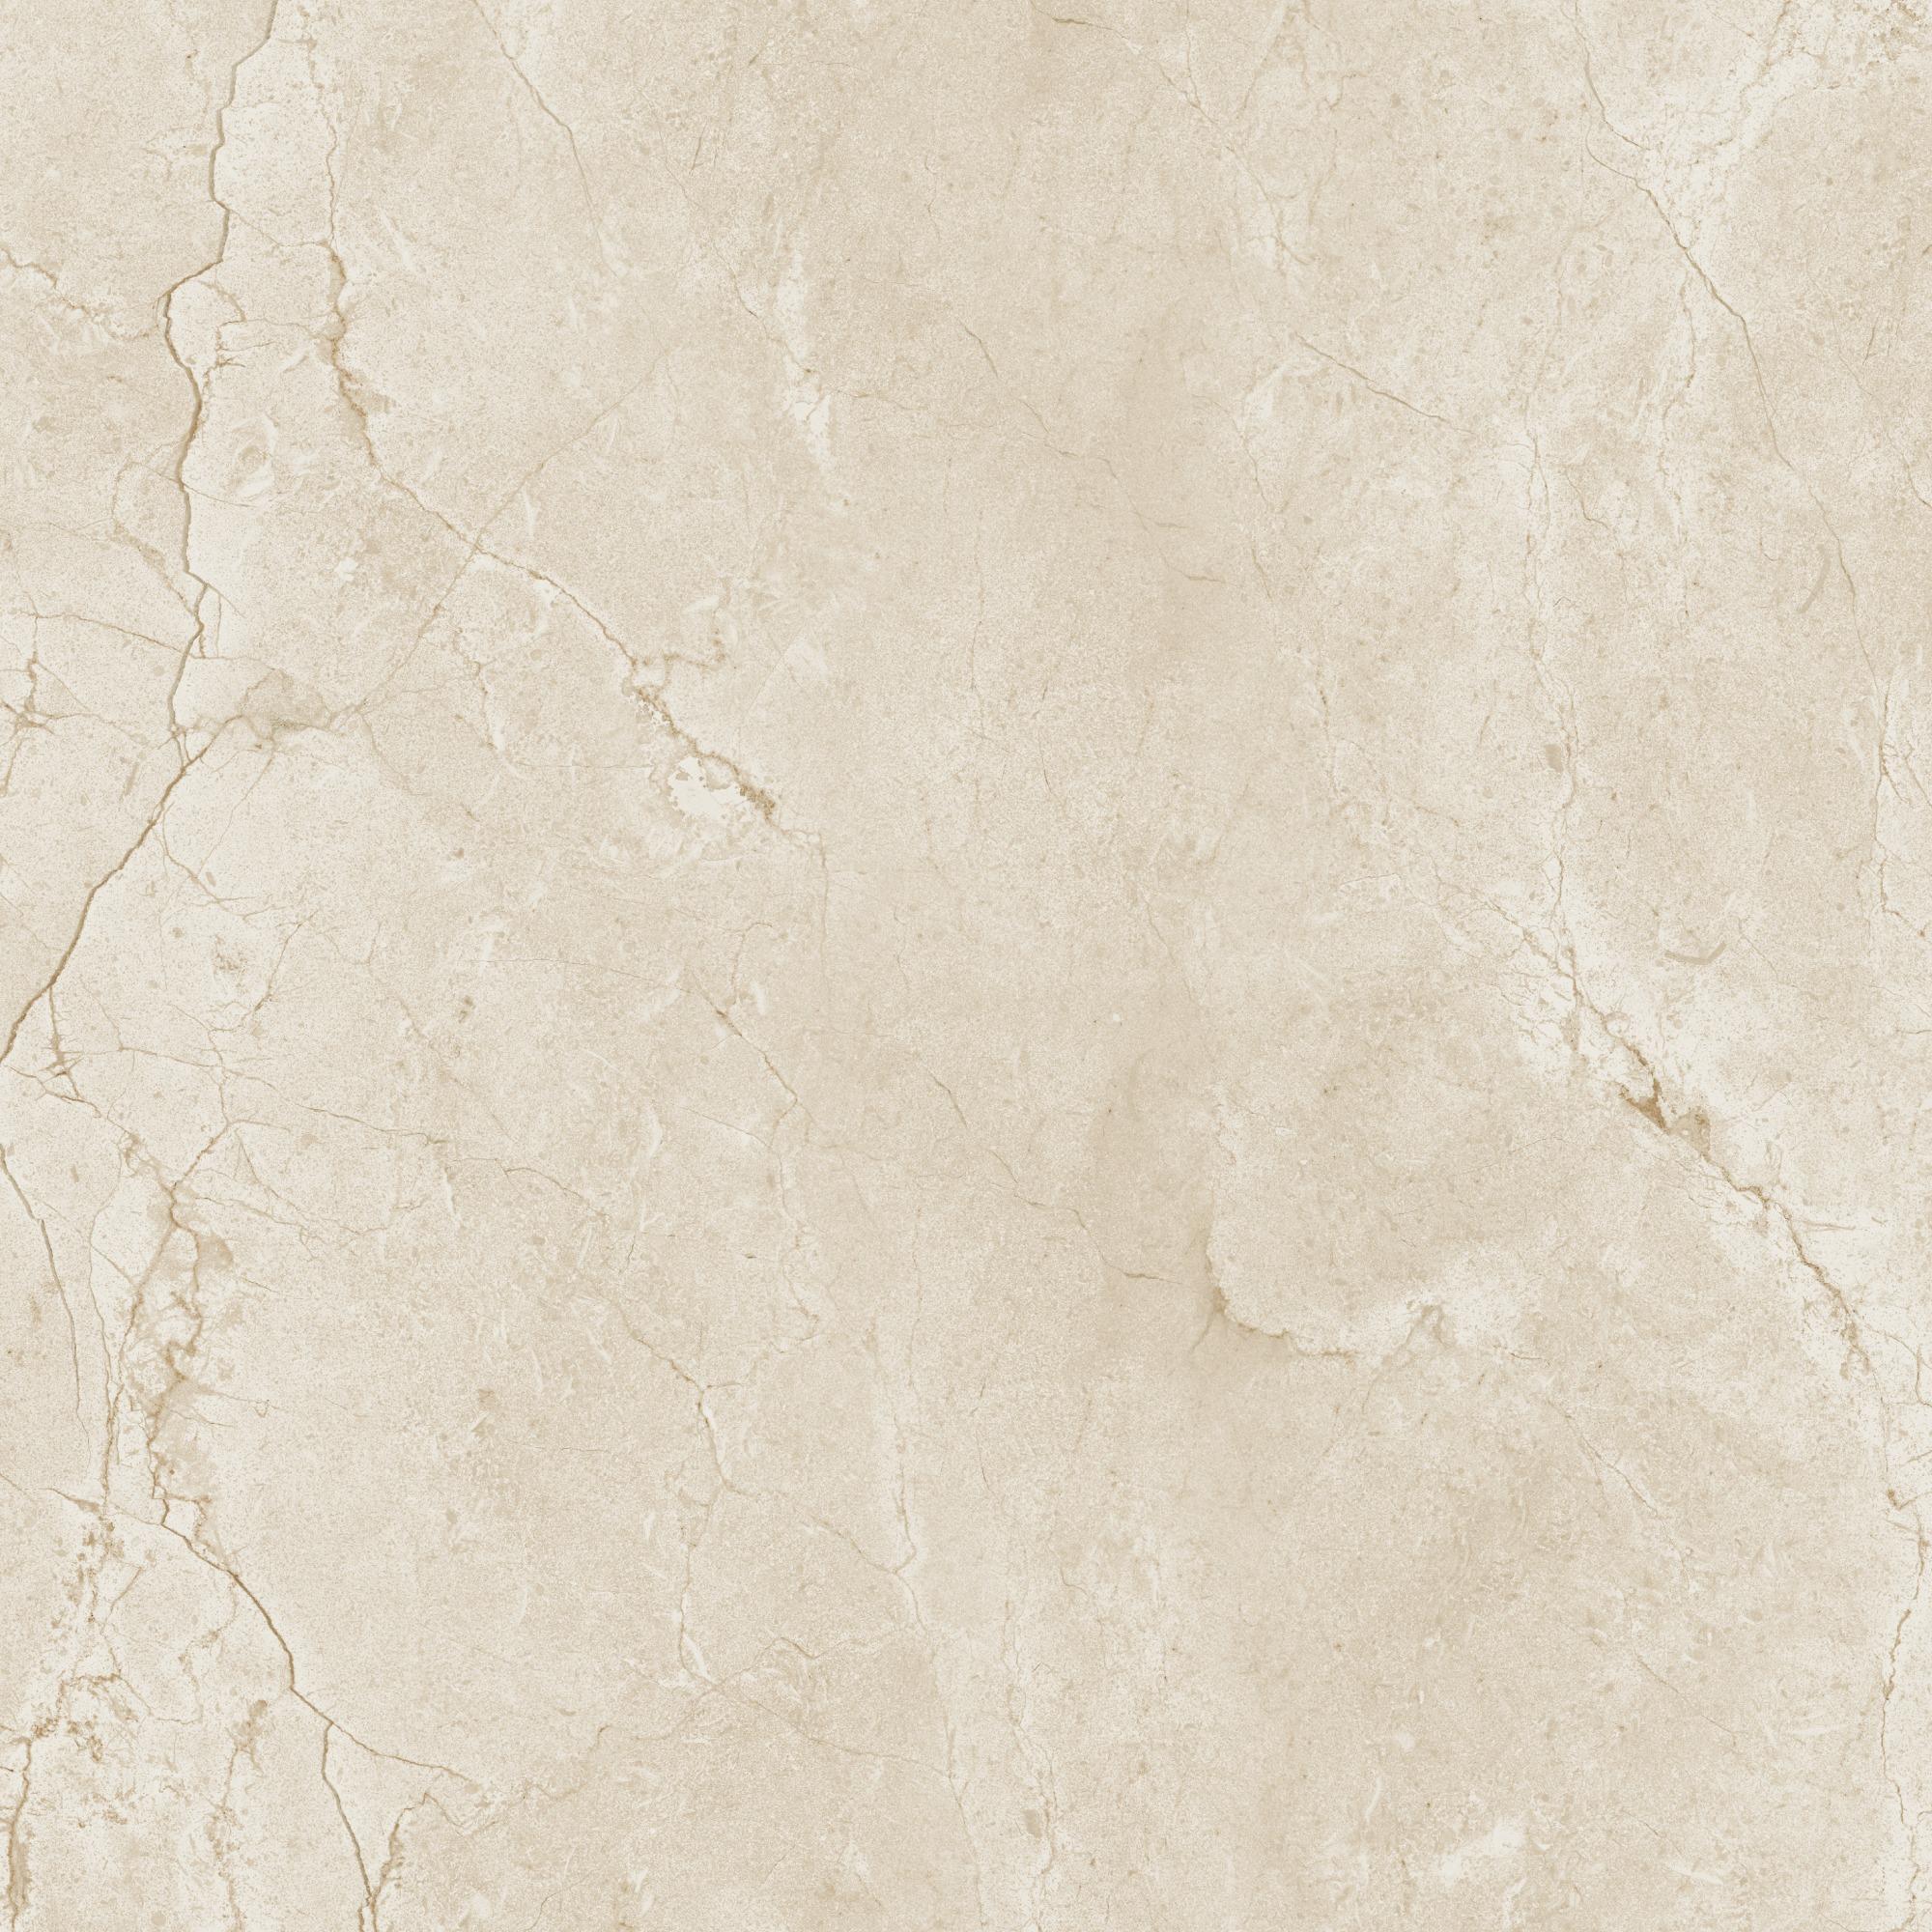 Porcelanato Mediterraneo Esmaltado HD Tipo A Retificado 58x58 168m Bege - Pamesa